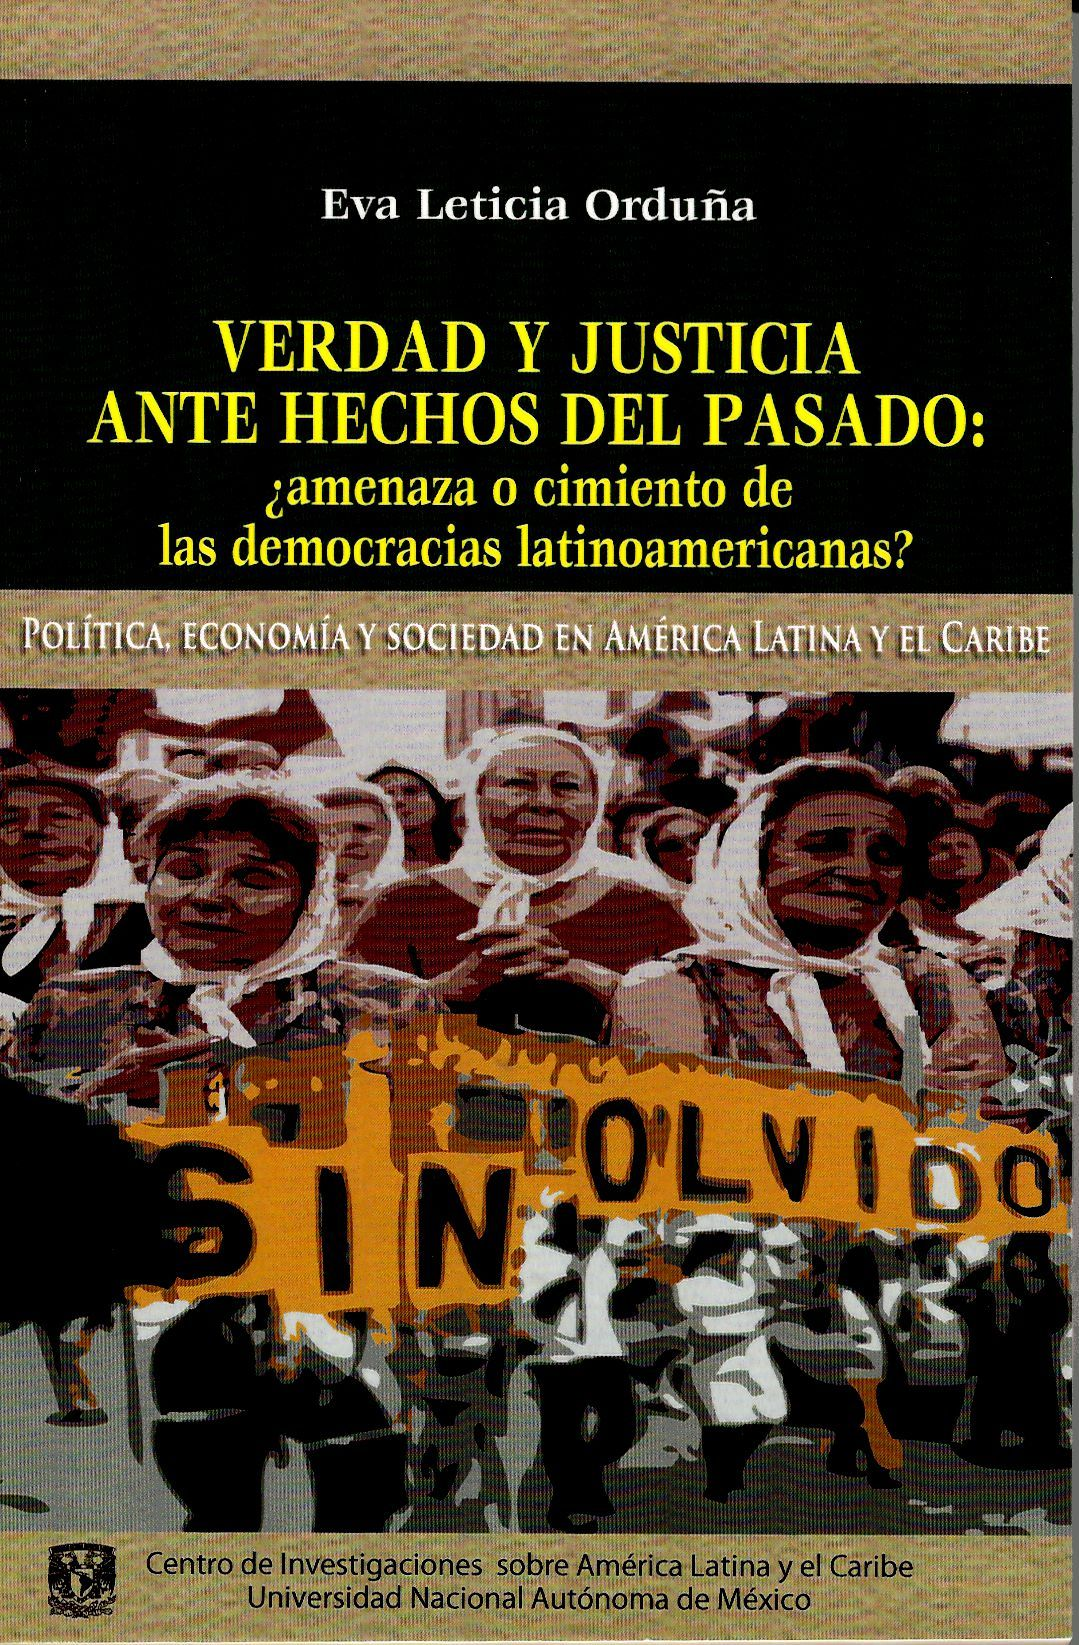 Verdad y justicia ante hechos del pasado. ¿Amenaza o cimiento de las democracias latinoamericanas?